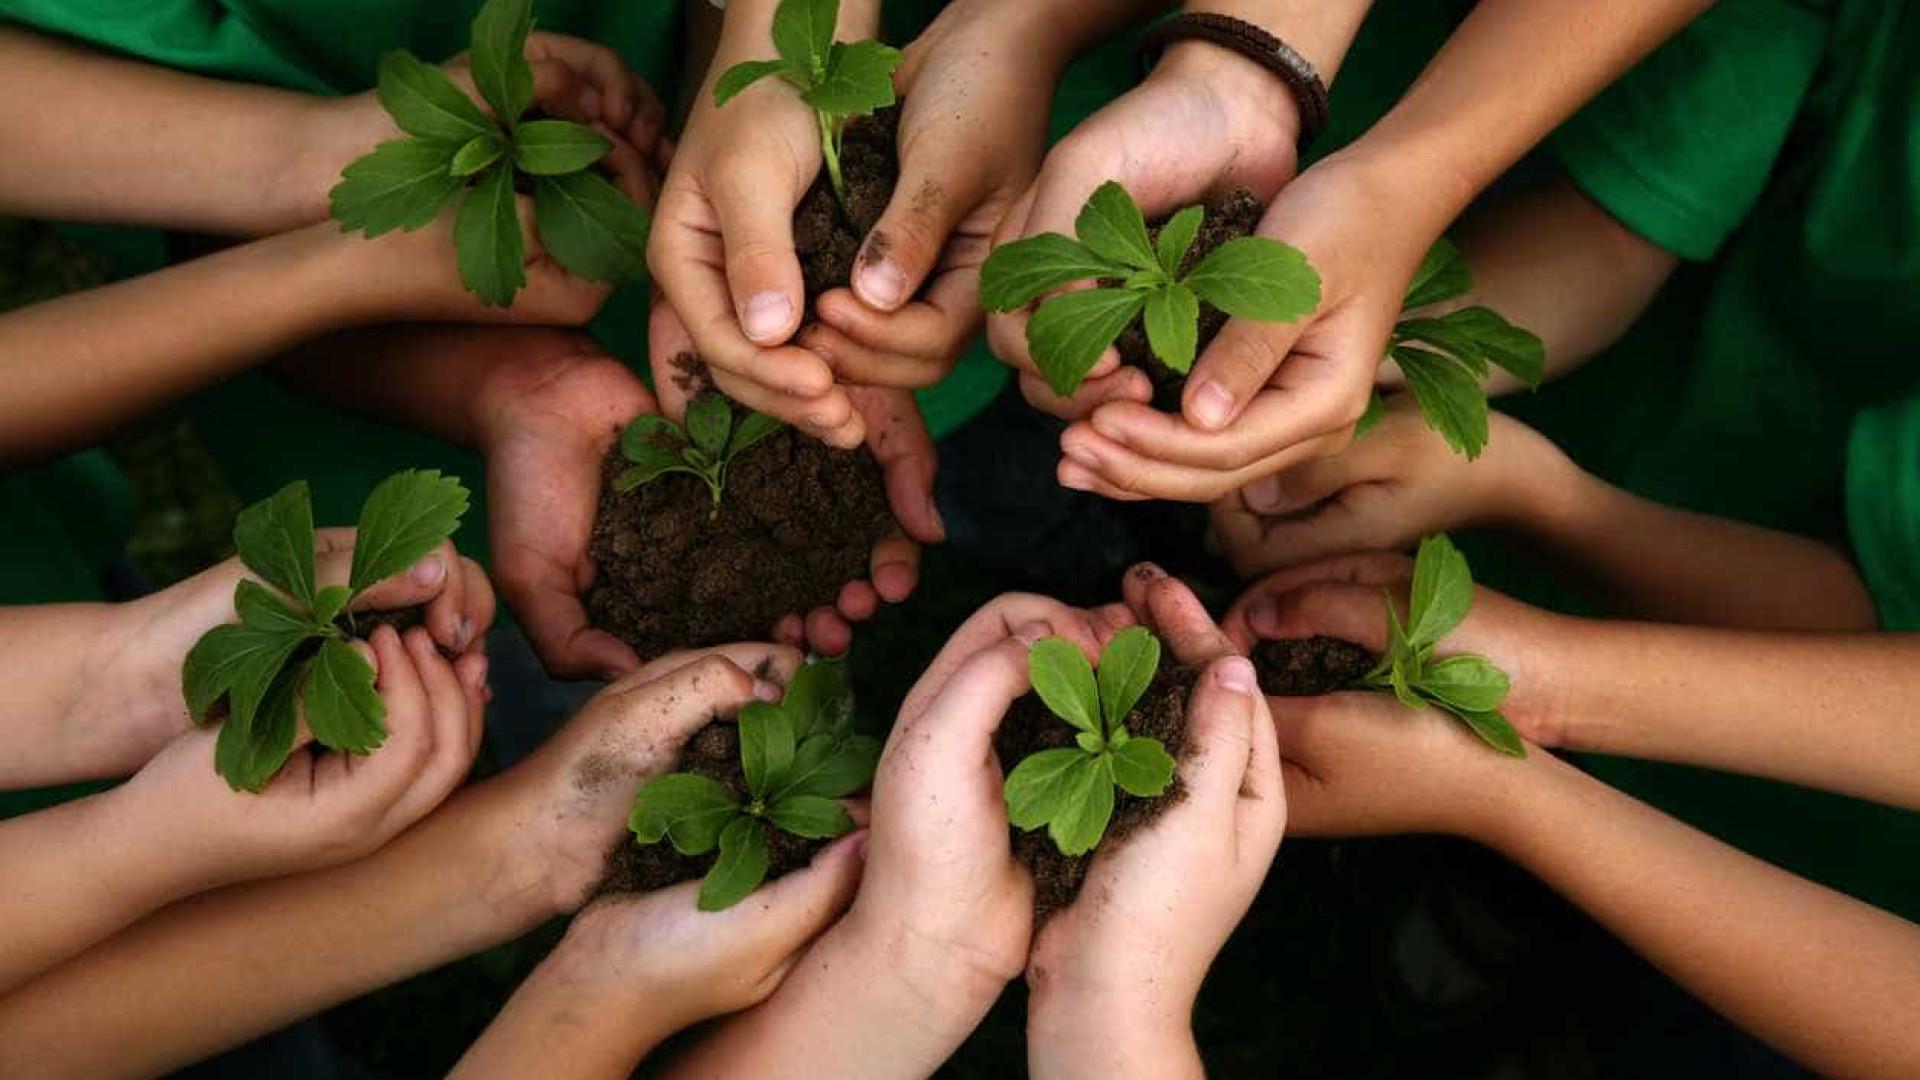 Impostos ligados a ambiente aumentaram 10% e atingem 4,8 mil milhões